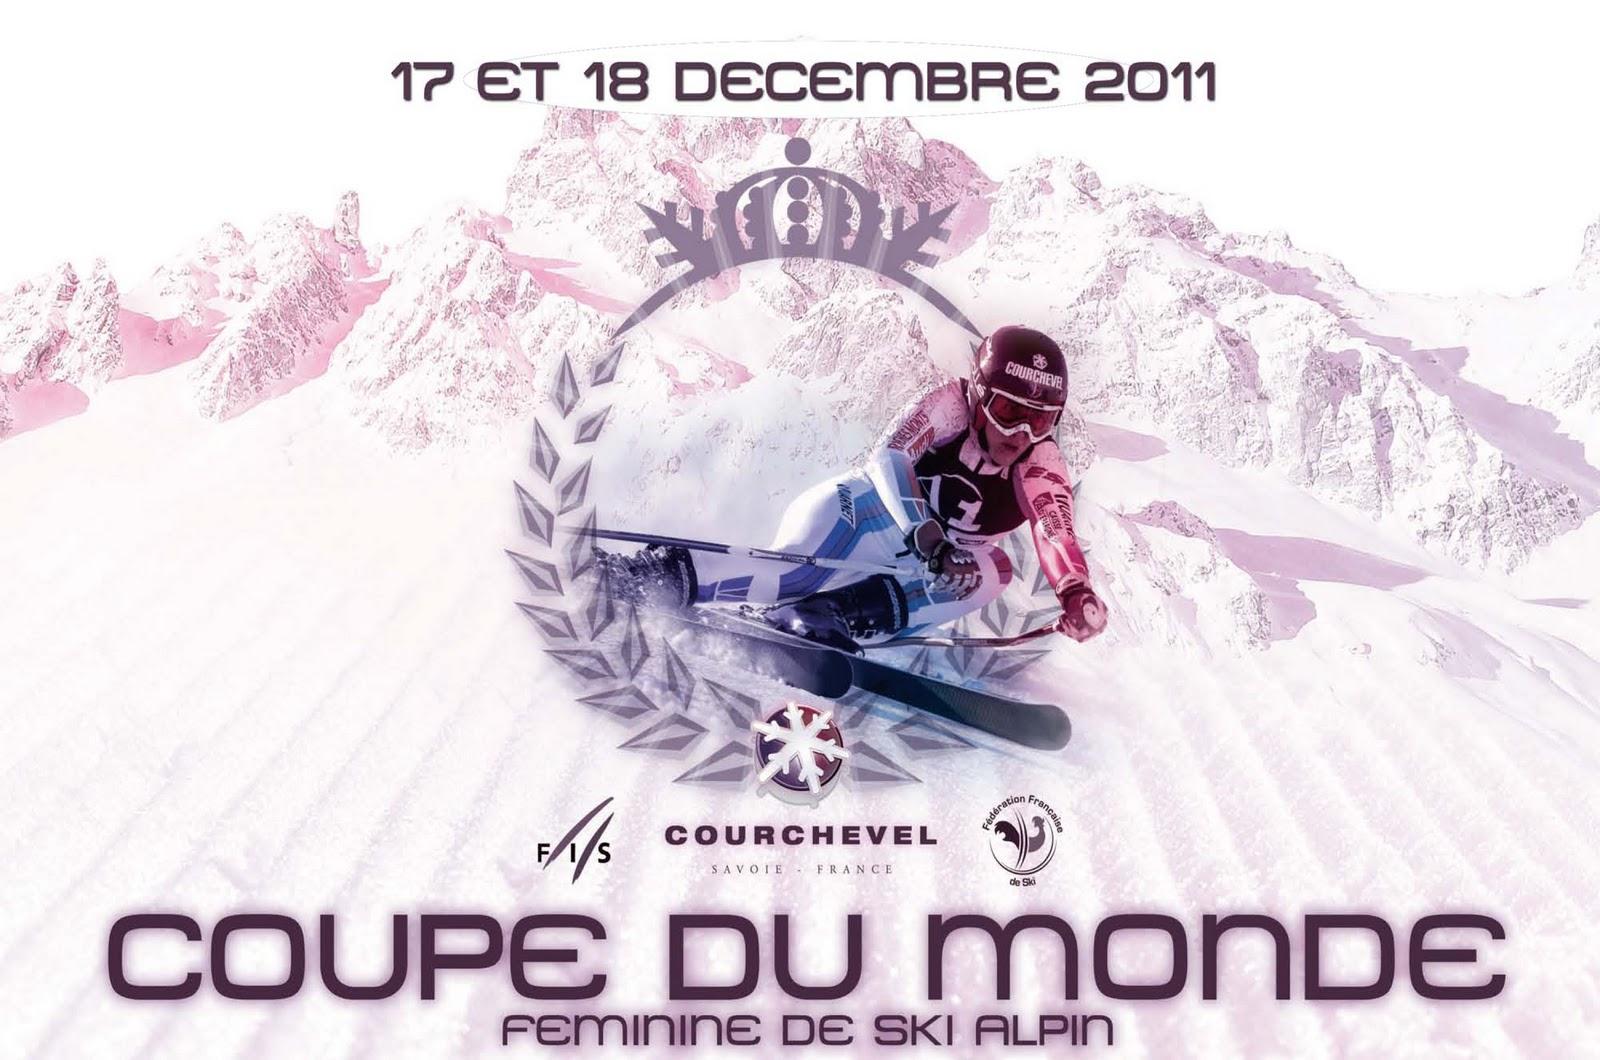 Actuskiracing l 39 actu du ski alpin courchevel g ant et slalom femmes 17 18 12 2011 - Coupe du monde de ski courchevel ...